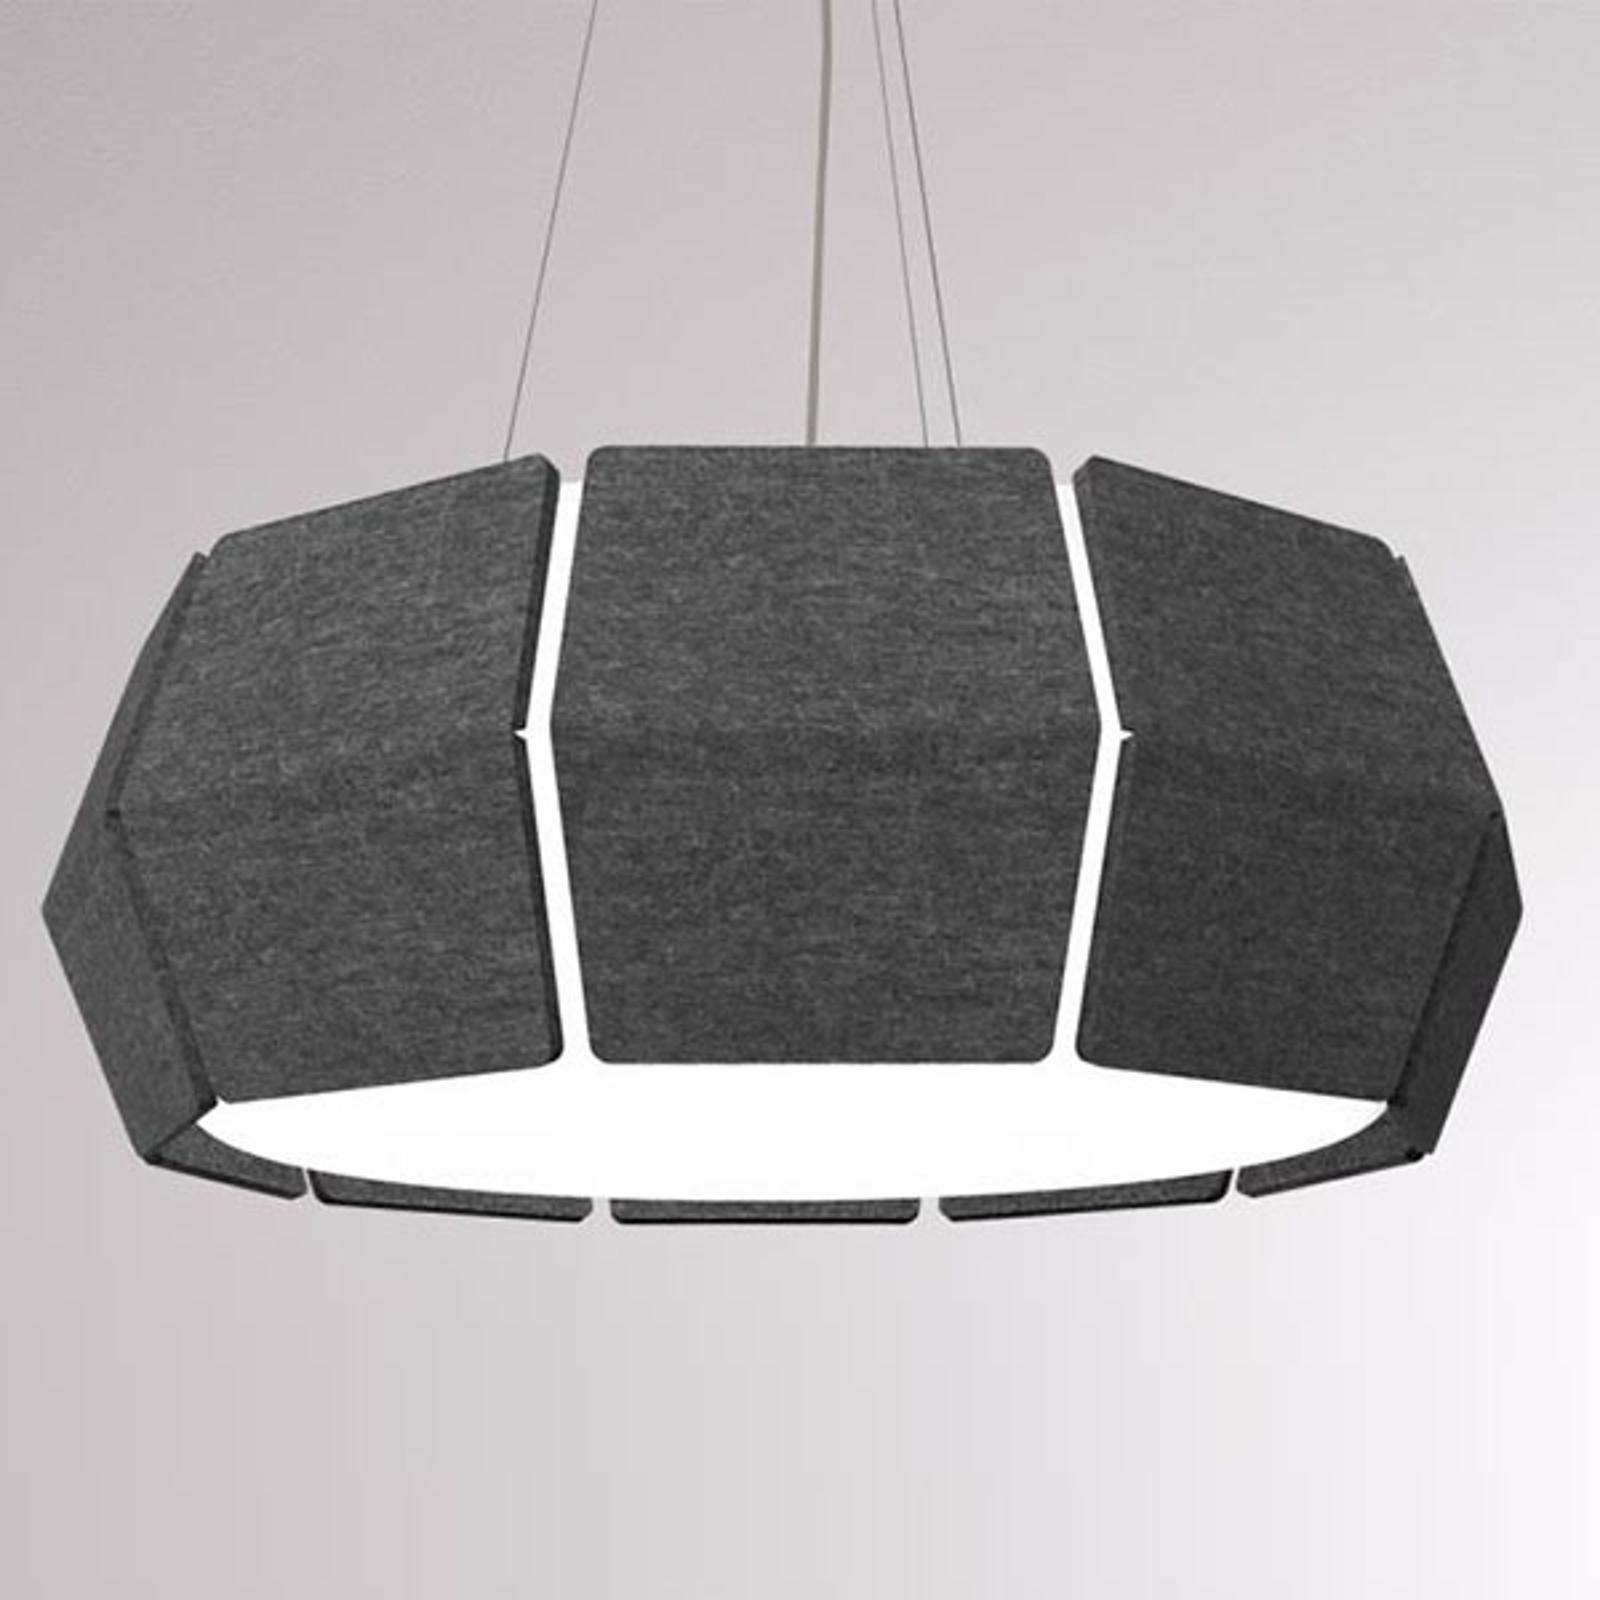 LOUM Decafelt lampa wisząca LED czarna Ø 76 cm